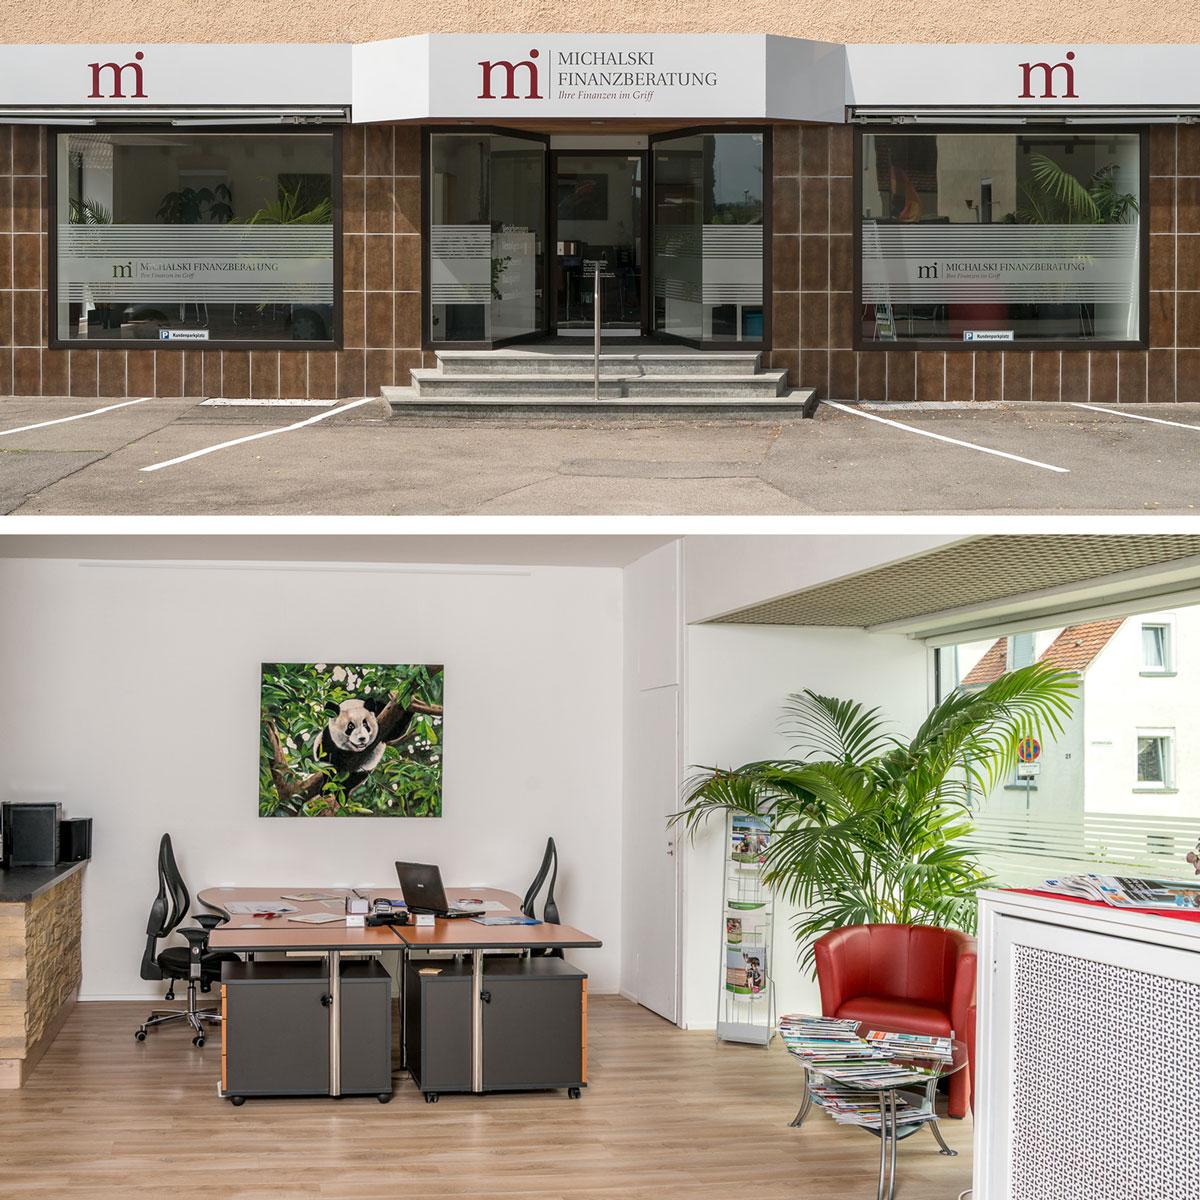 Michalski Finanzberatung in Aulendorf